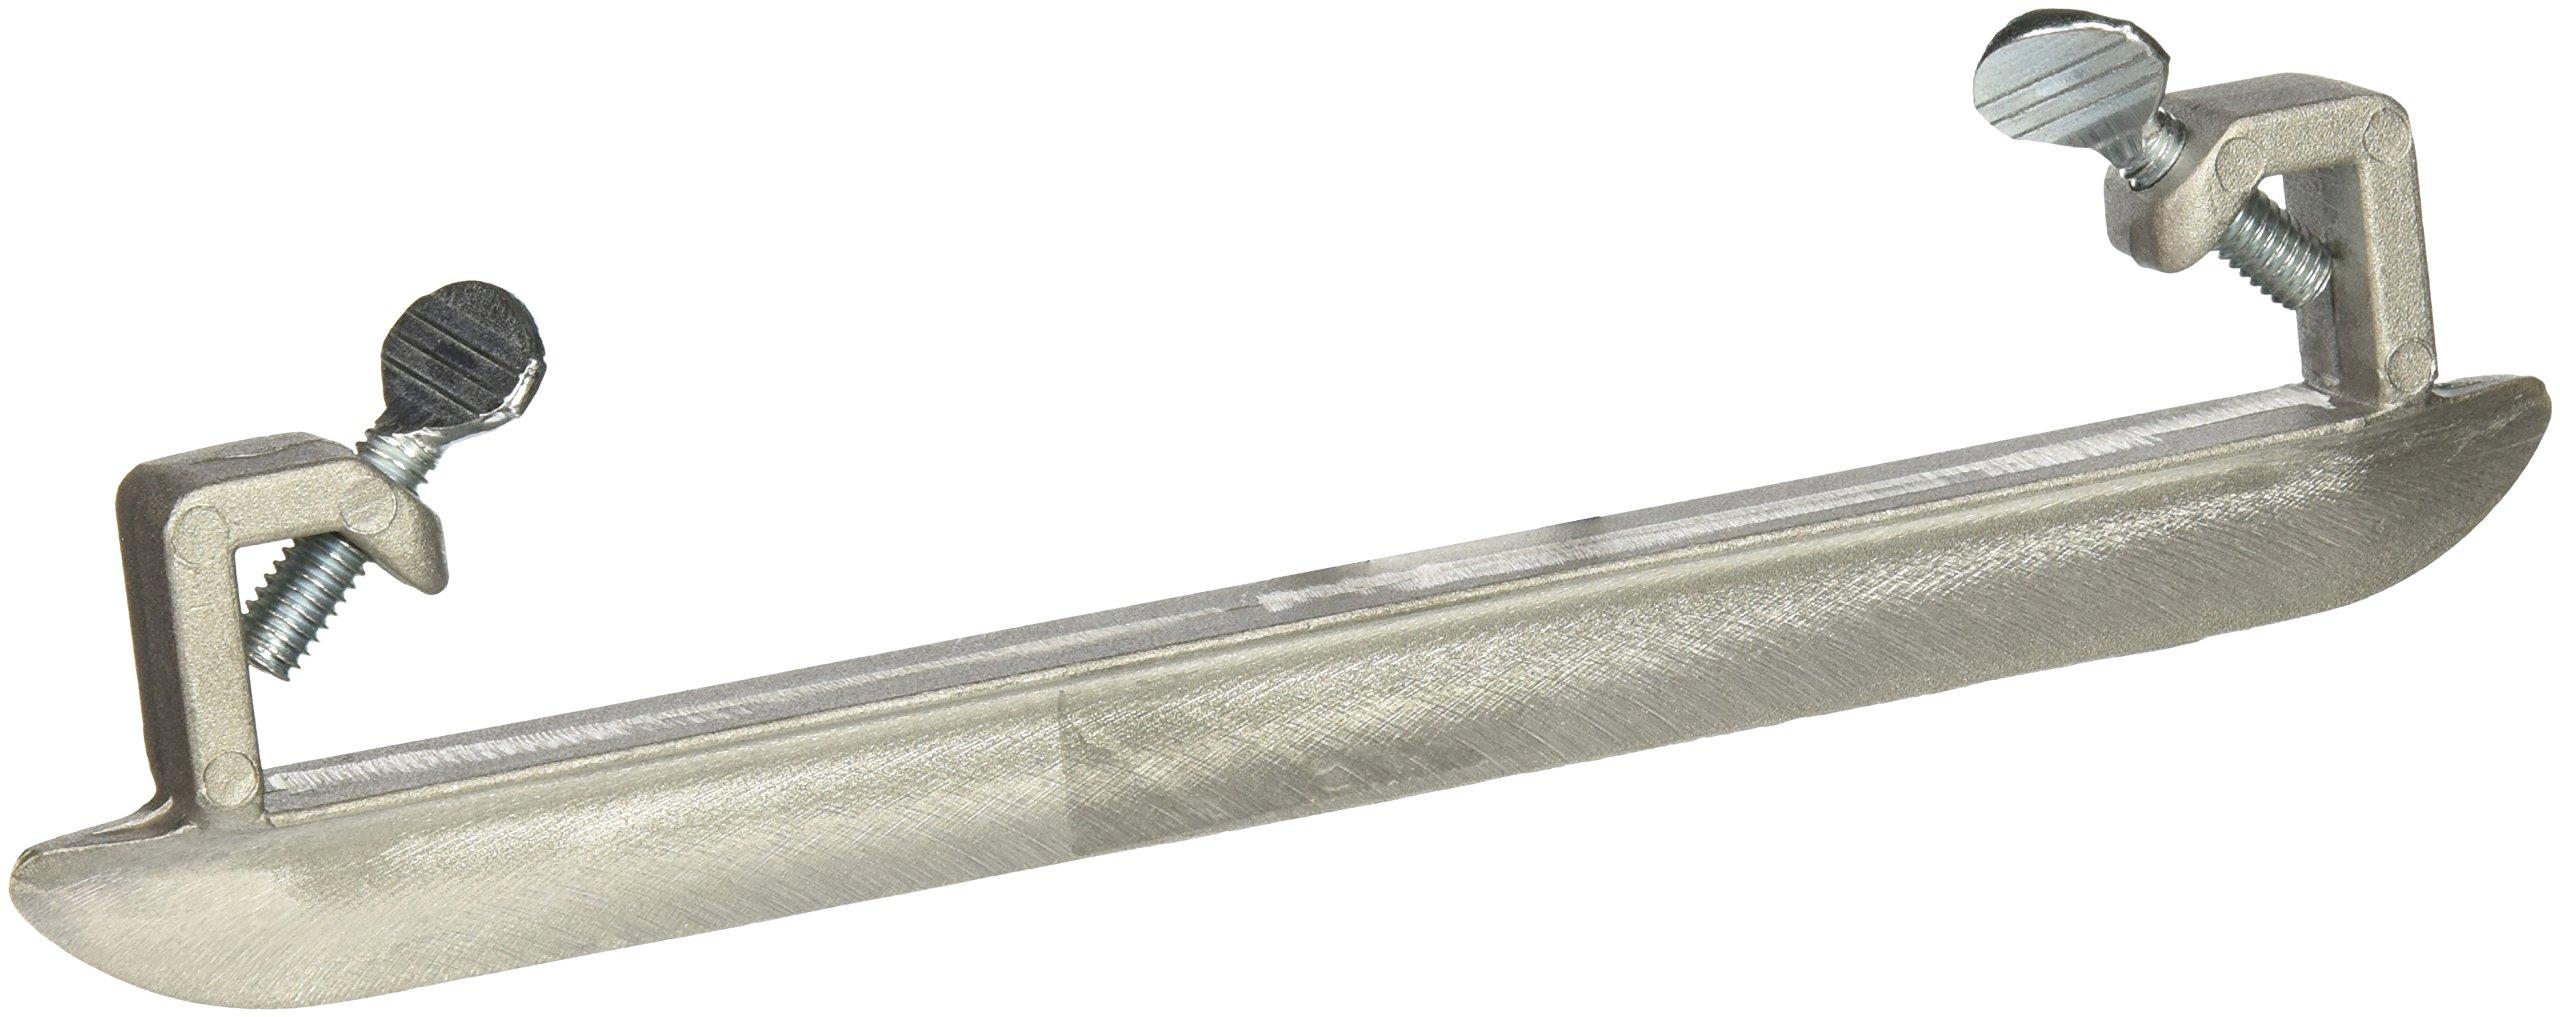 MARSHALLTOWN The Premier Line 4710 Aluminum Groover Attachment for Bull Float